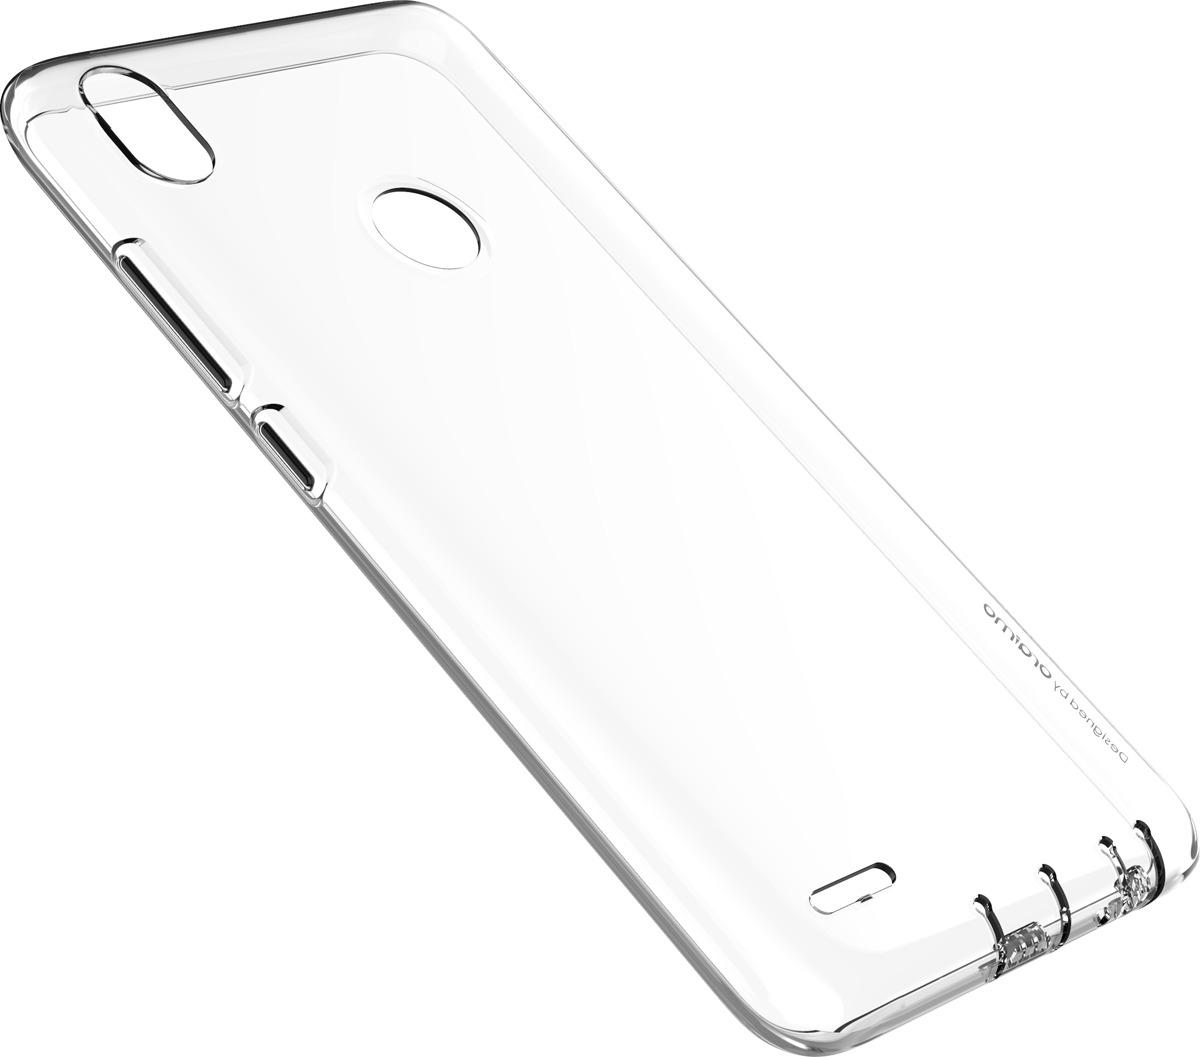 лучшая цена Чехол для сотового телефона Tecno BackCover Clear для Tecno POP 1s Pro, 10302262